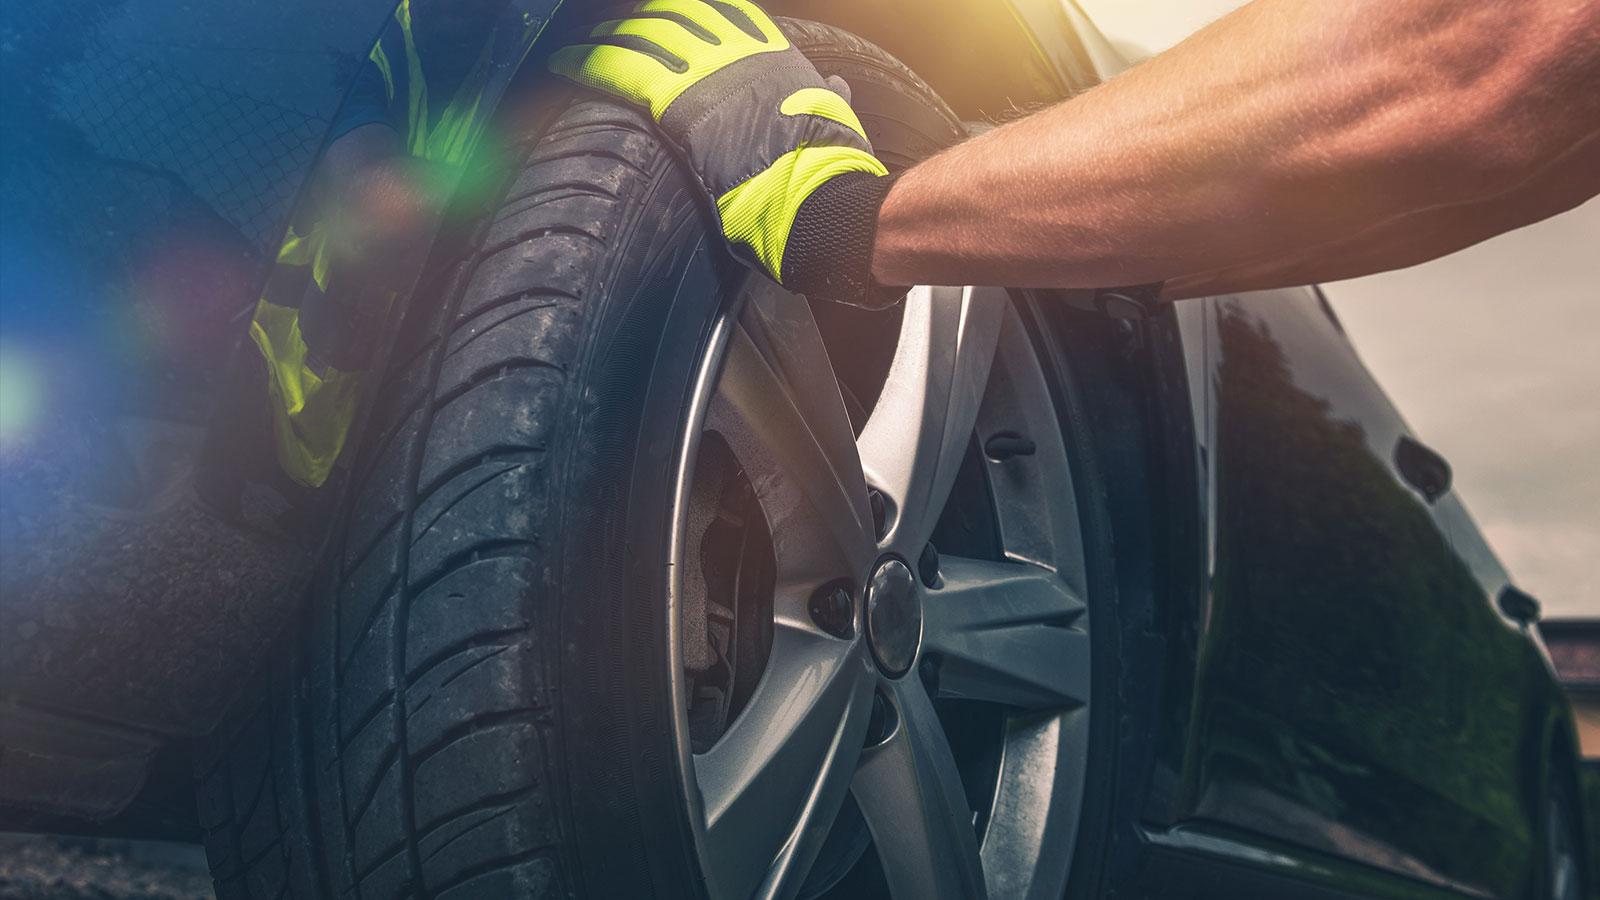 24 Hour Tire >> 24 Hour Roadside Assistance Tire Shop De Kalb Tx 990 Tire Service